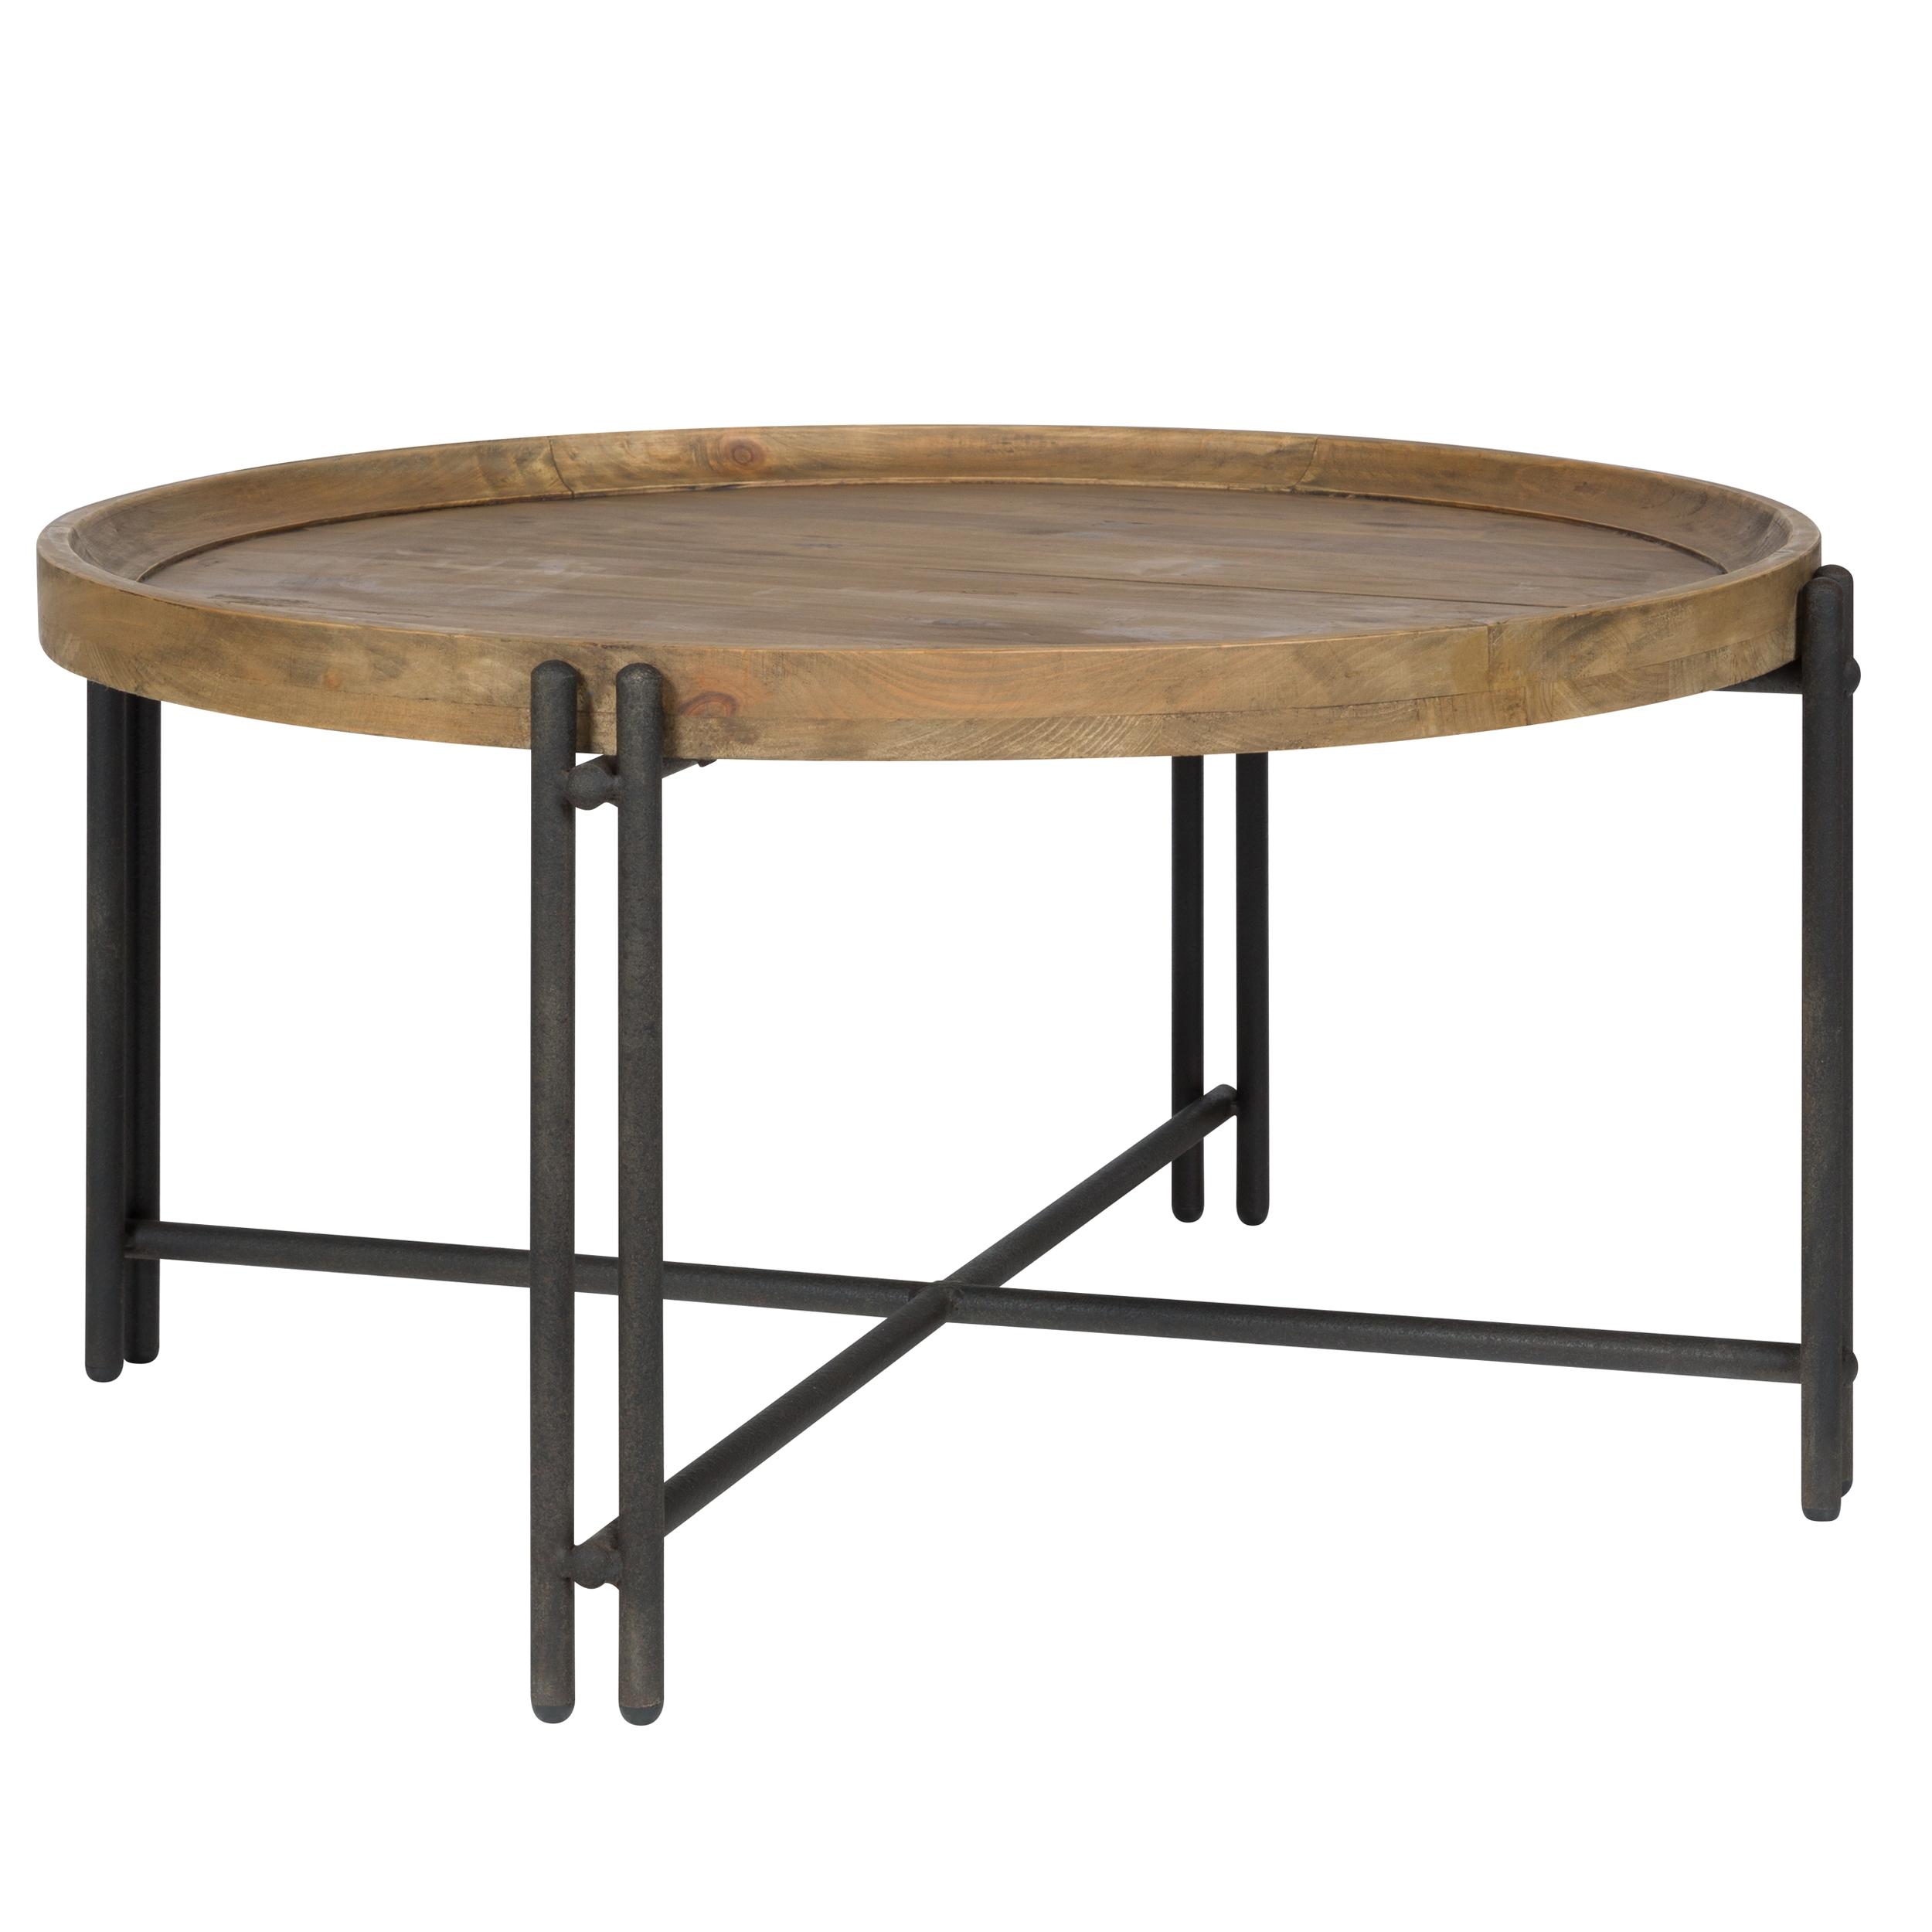 maison du monde Table basse ronde en bois recyclé et métal